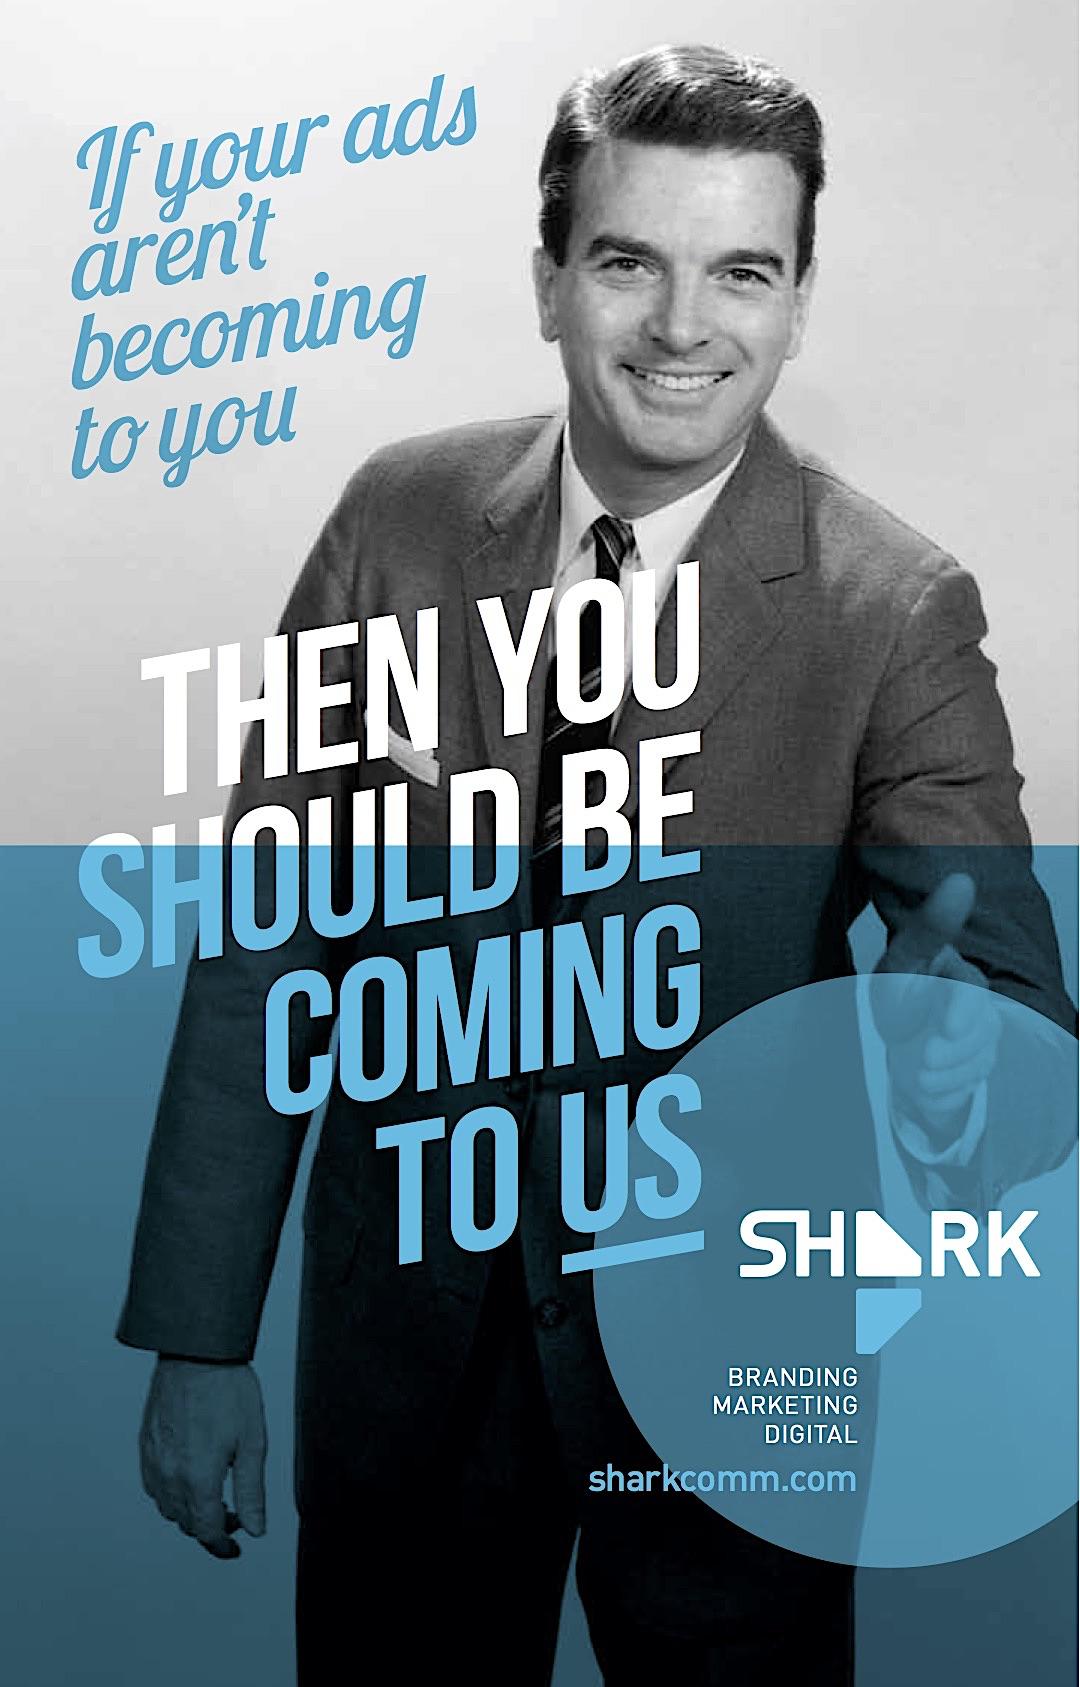 Shark_Vintage_AD_06rb_7.2x11.25_lo (1).jpg